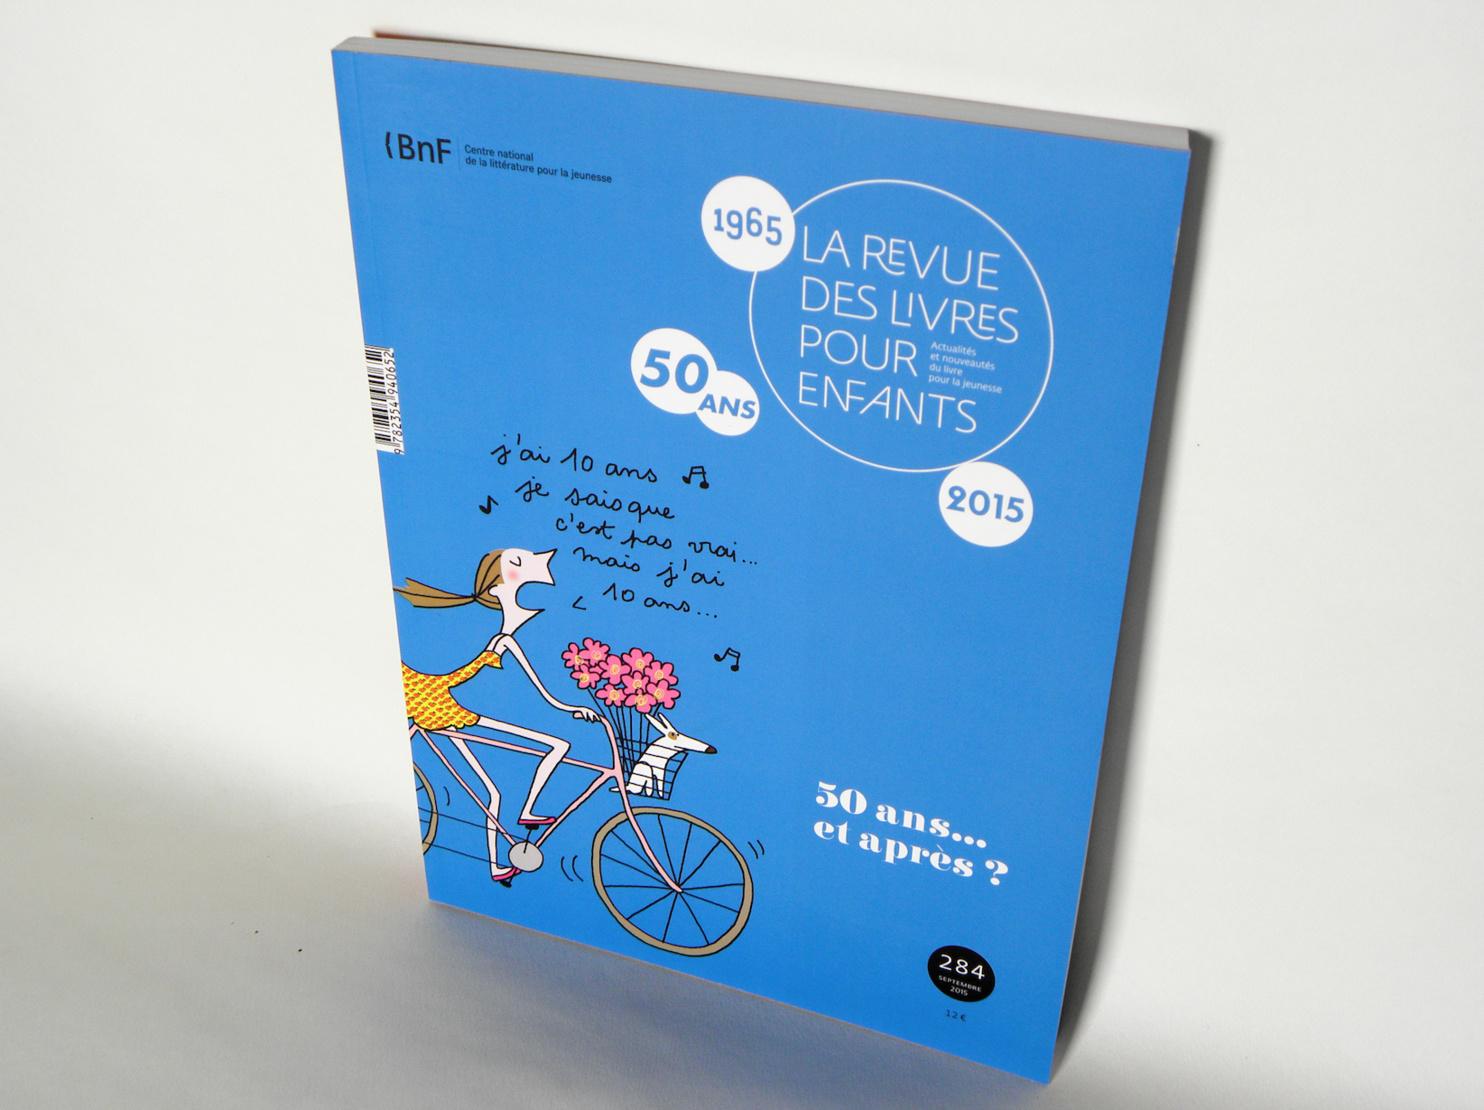 La Revue des livres pour enfants